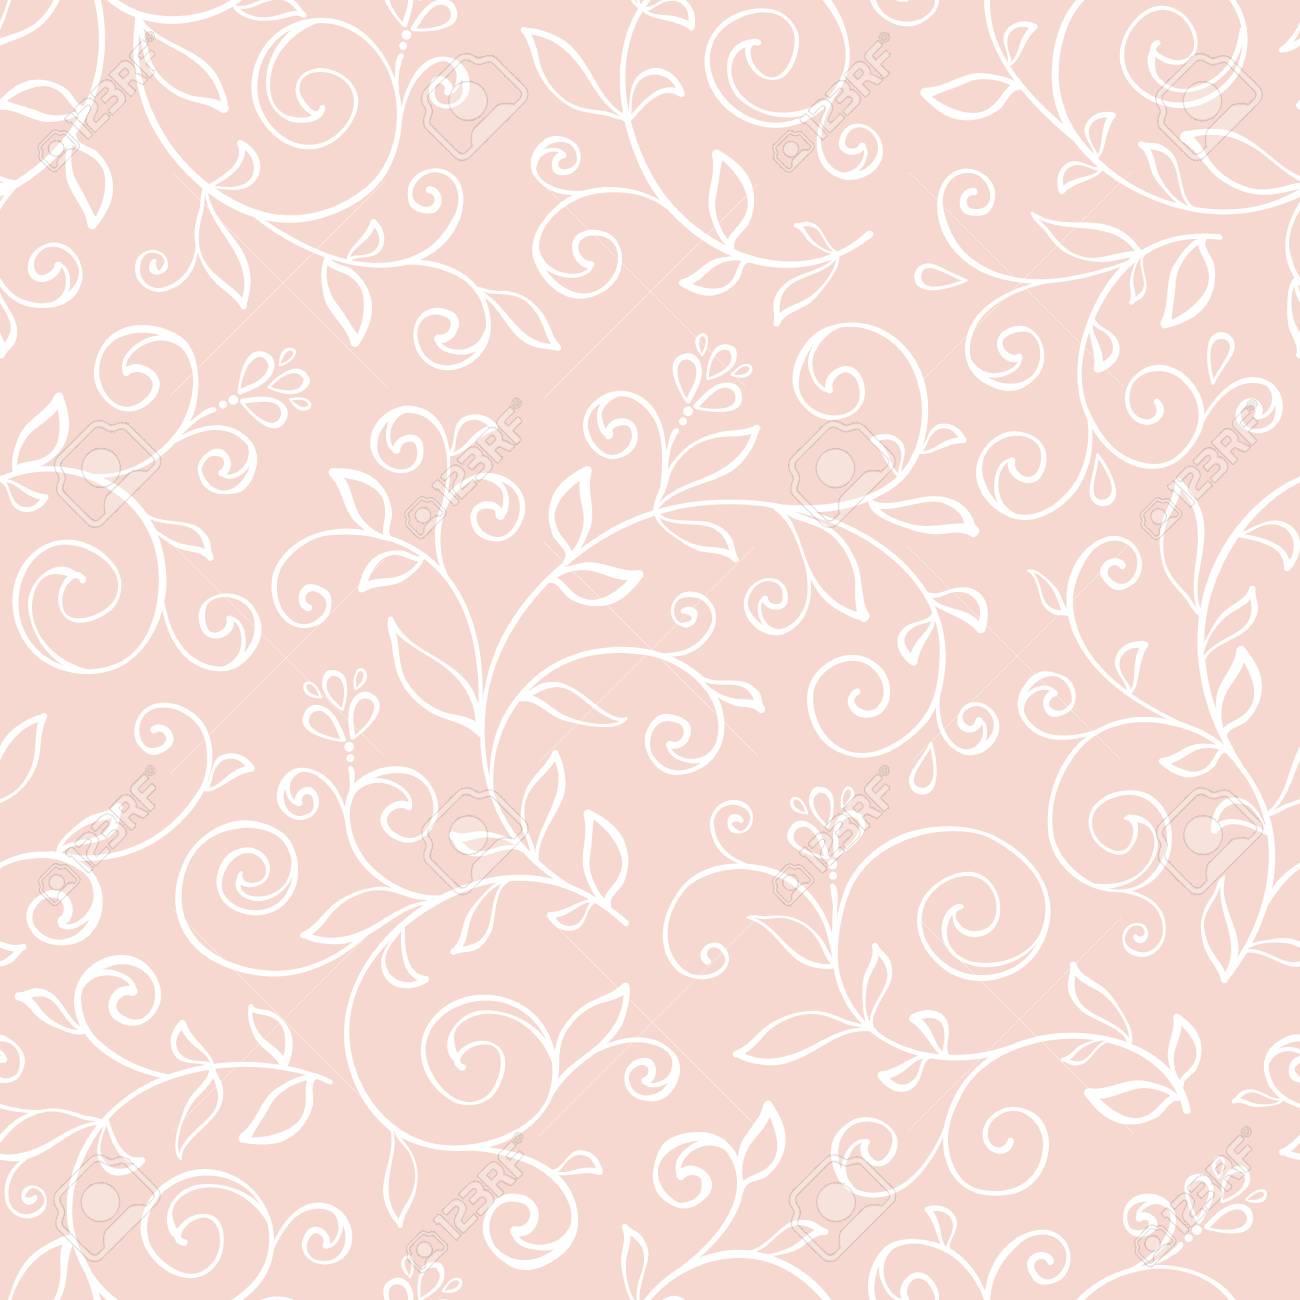 Seamless Avec Des Fleurs Decoratives Et Texture De Dentelle Papier